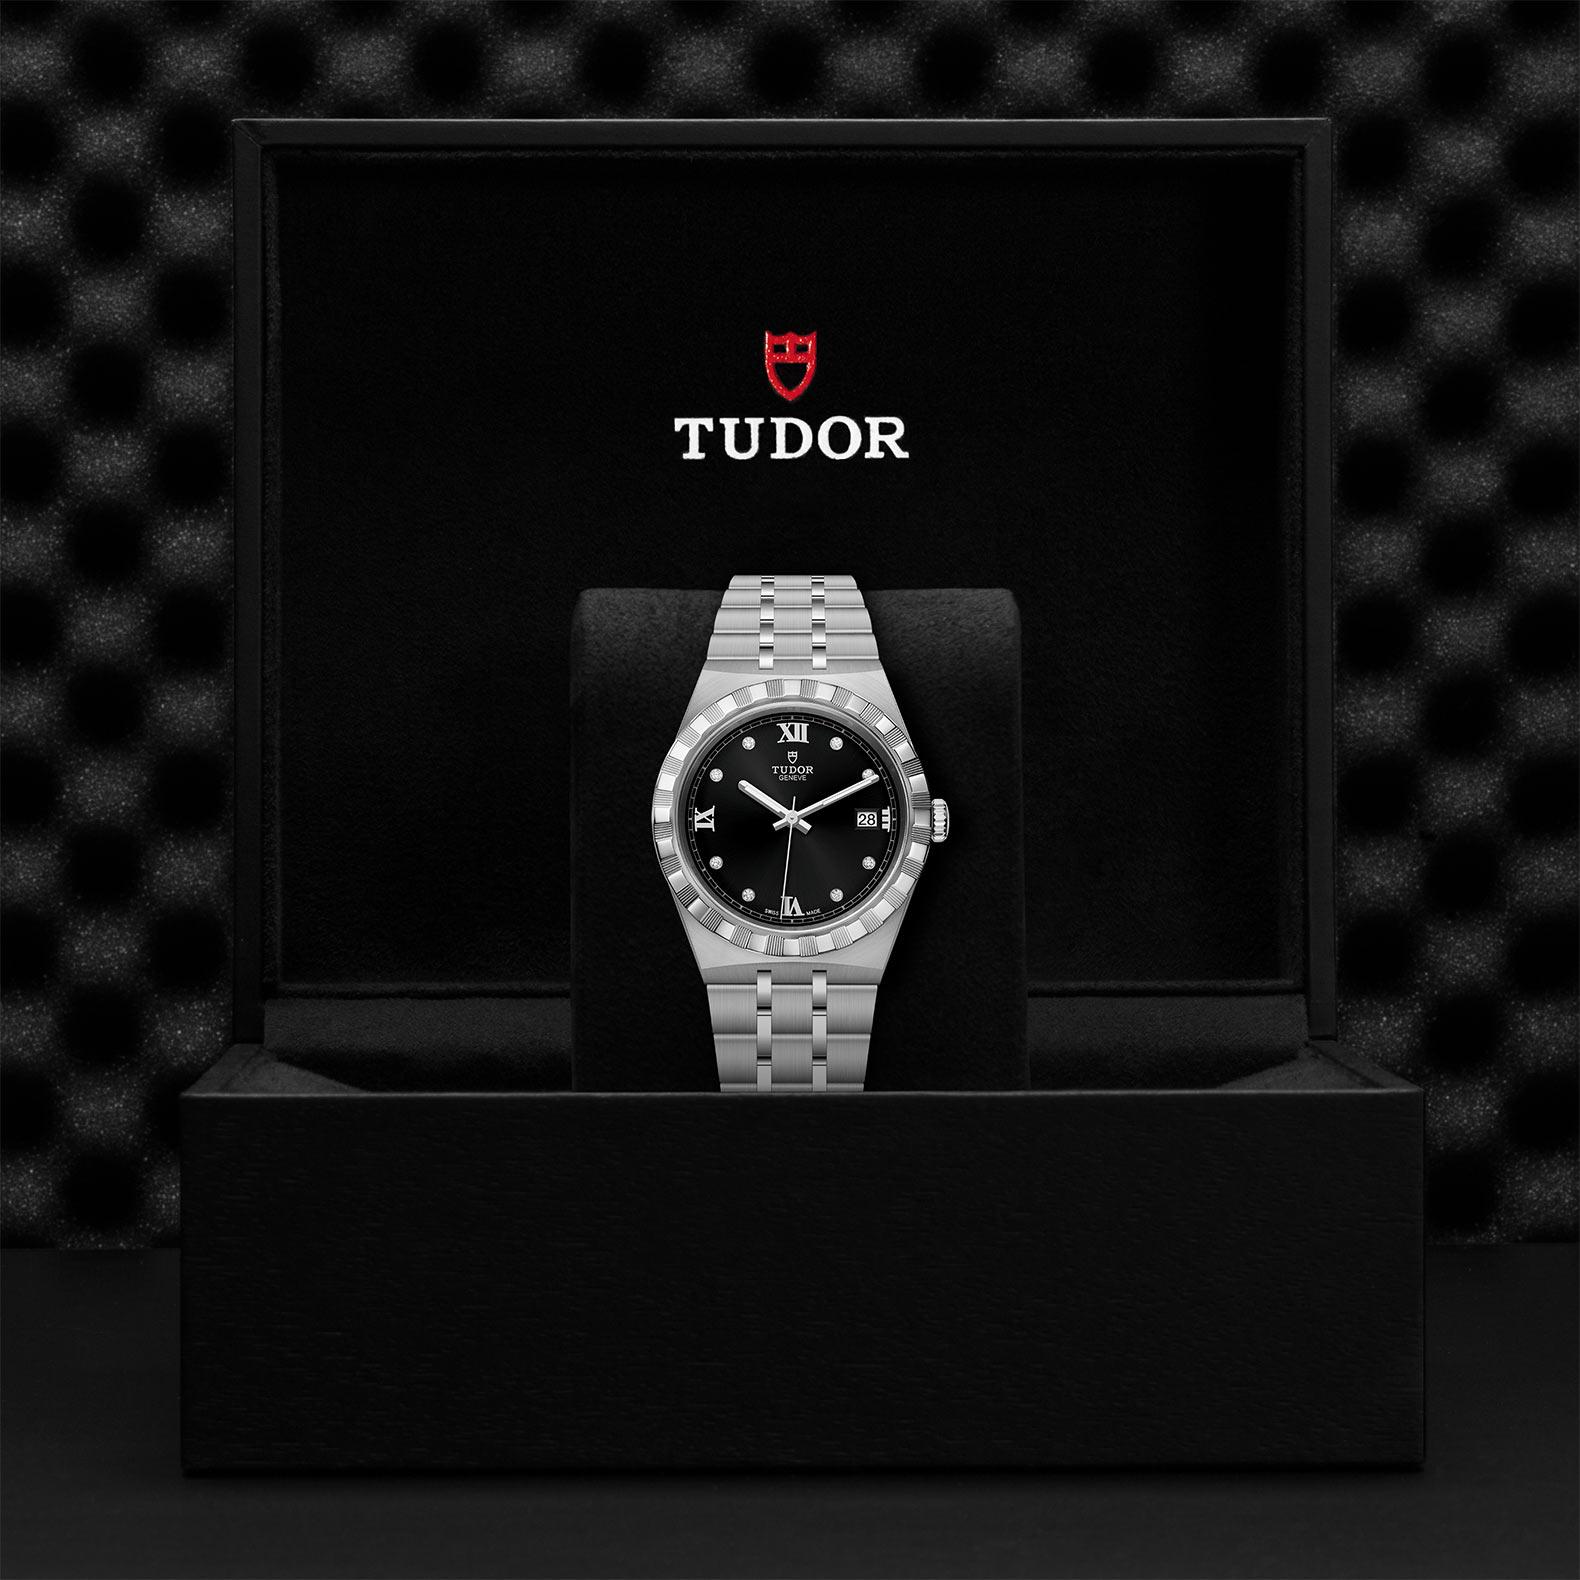 TUDOR Royal - M28500-0004